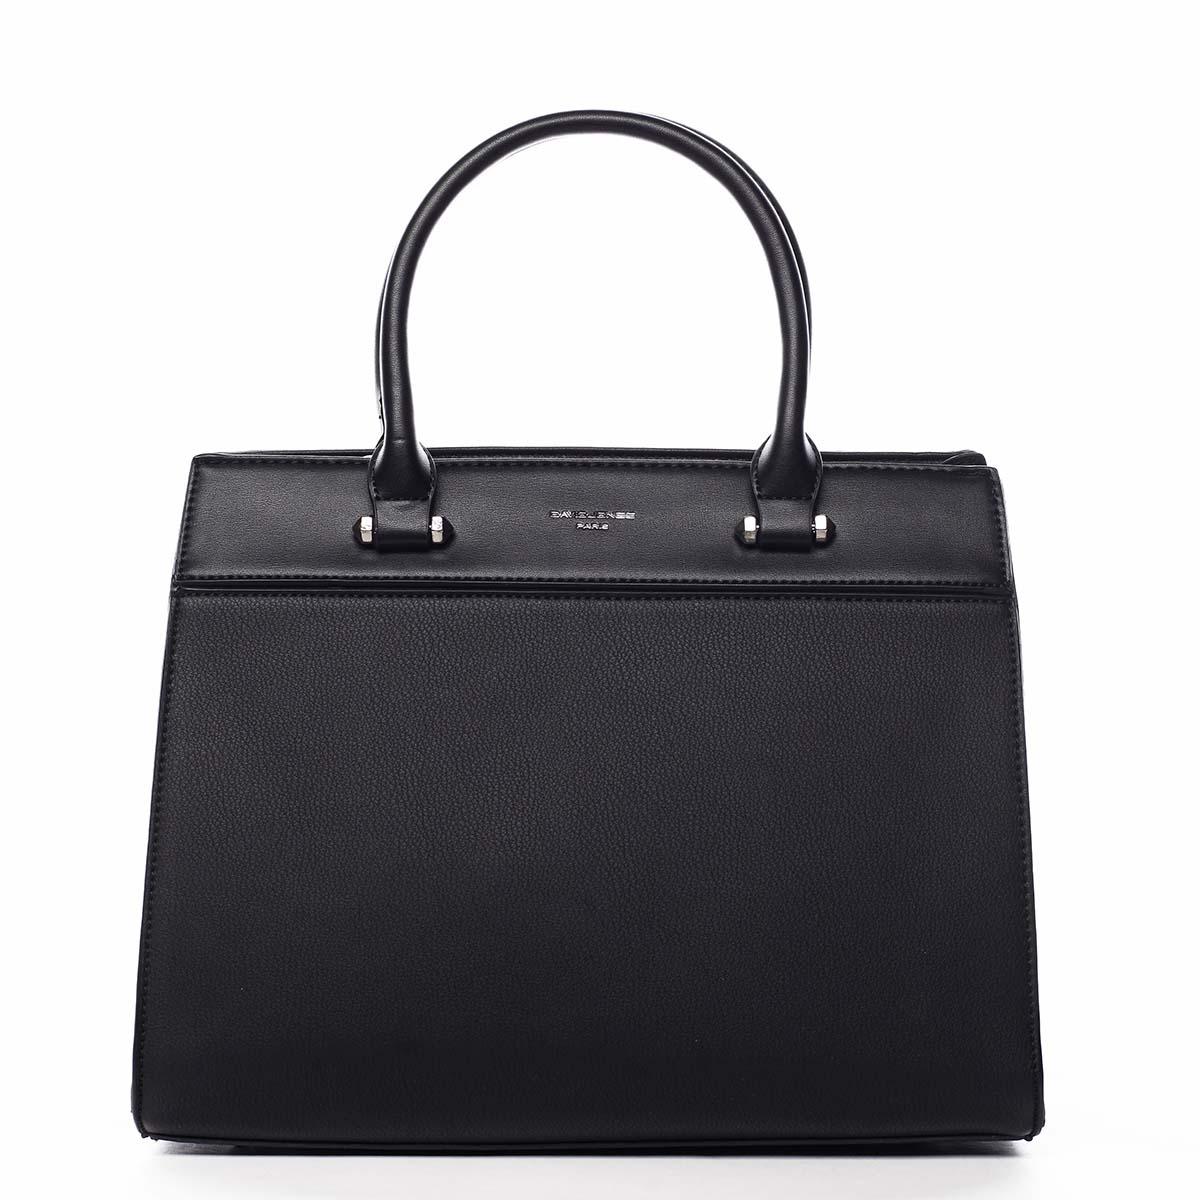 Dámska kabelka do ruky čierna - David Jones Tenerwa čierna